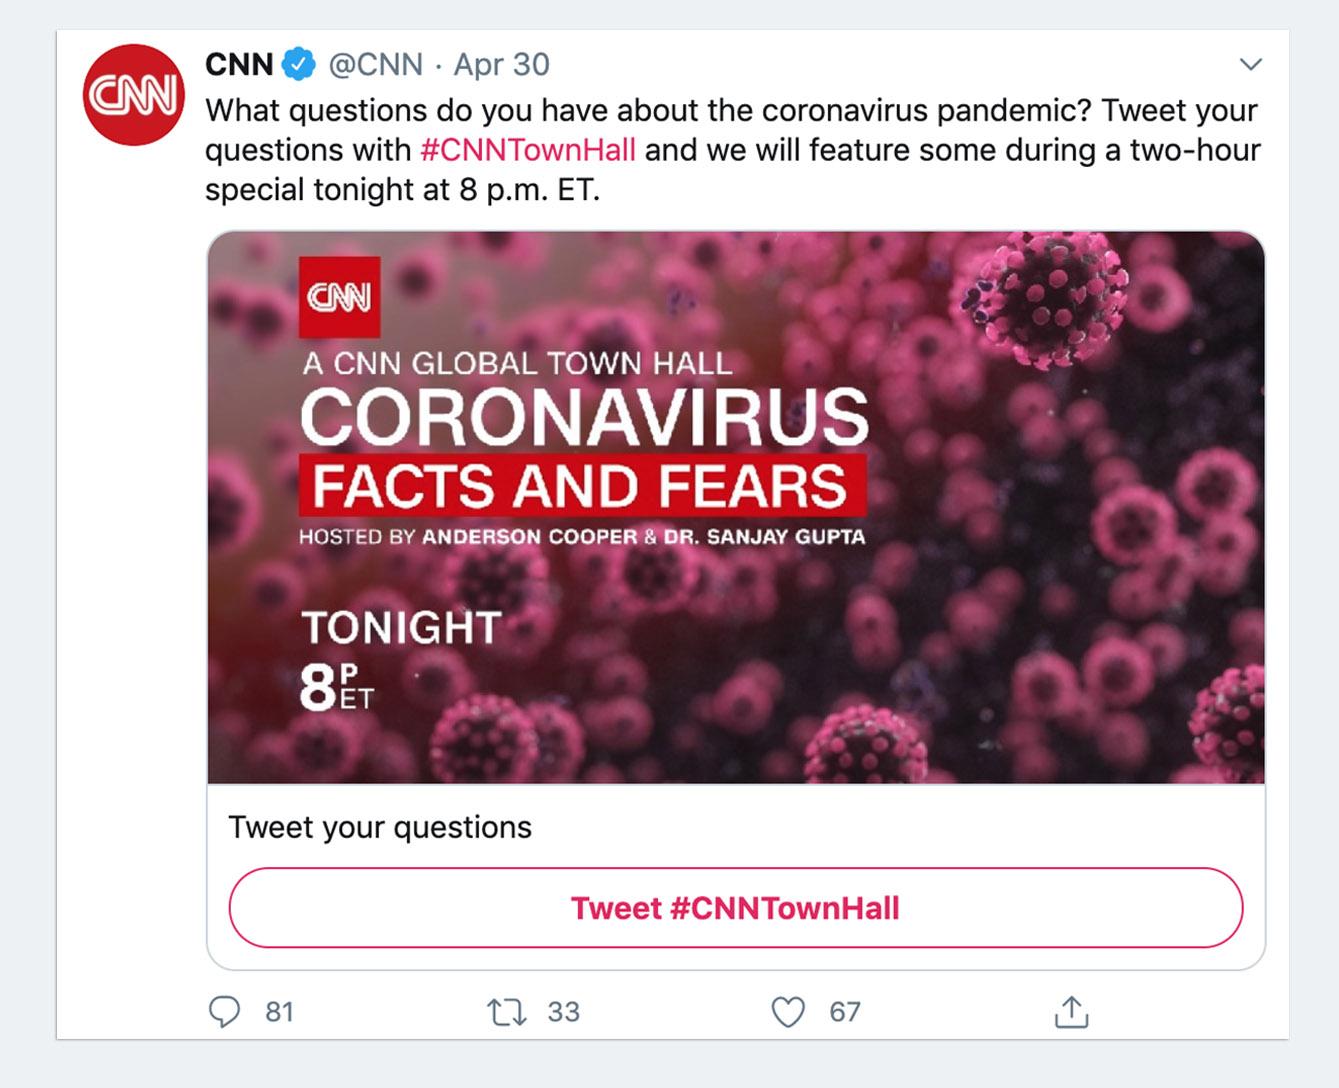 CNN Conversational Card Tweet